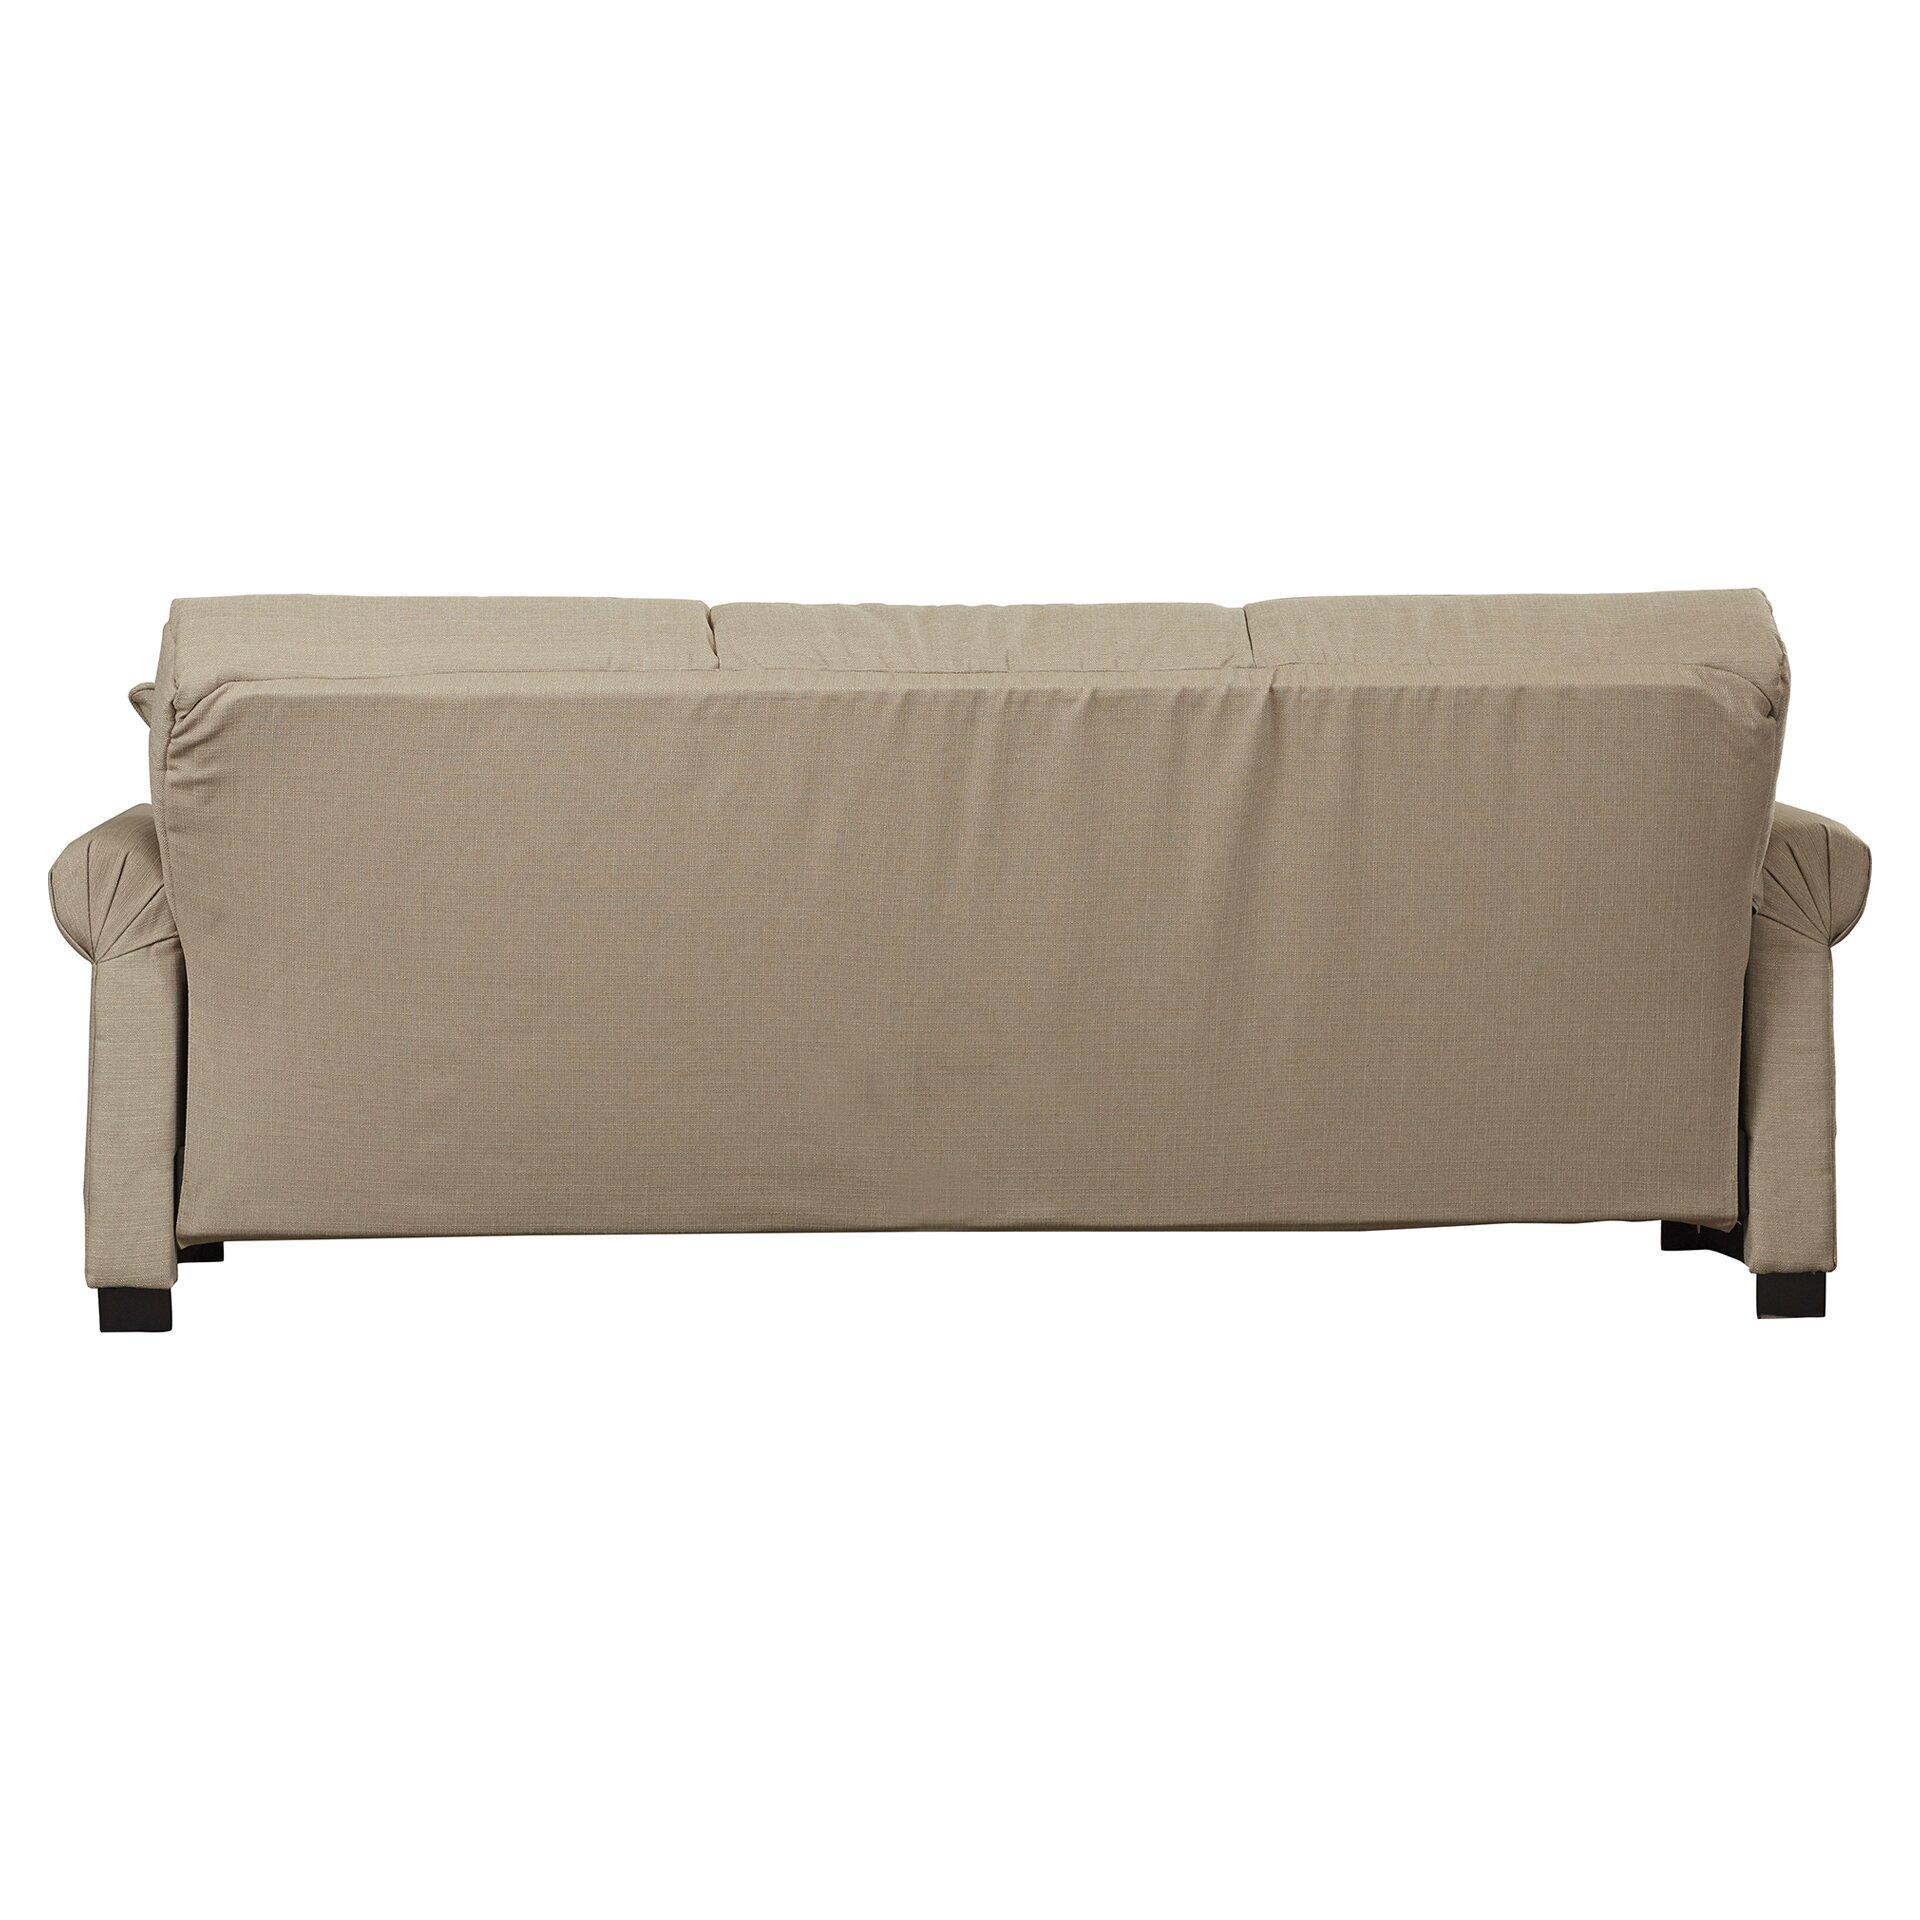 Futon Sofa Sleeper Alcott Hill Lawrence Full Convertible Upholstered Sleeper ...